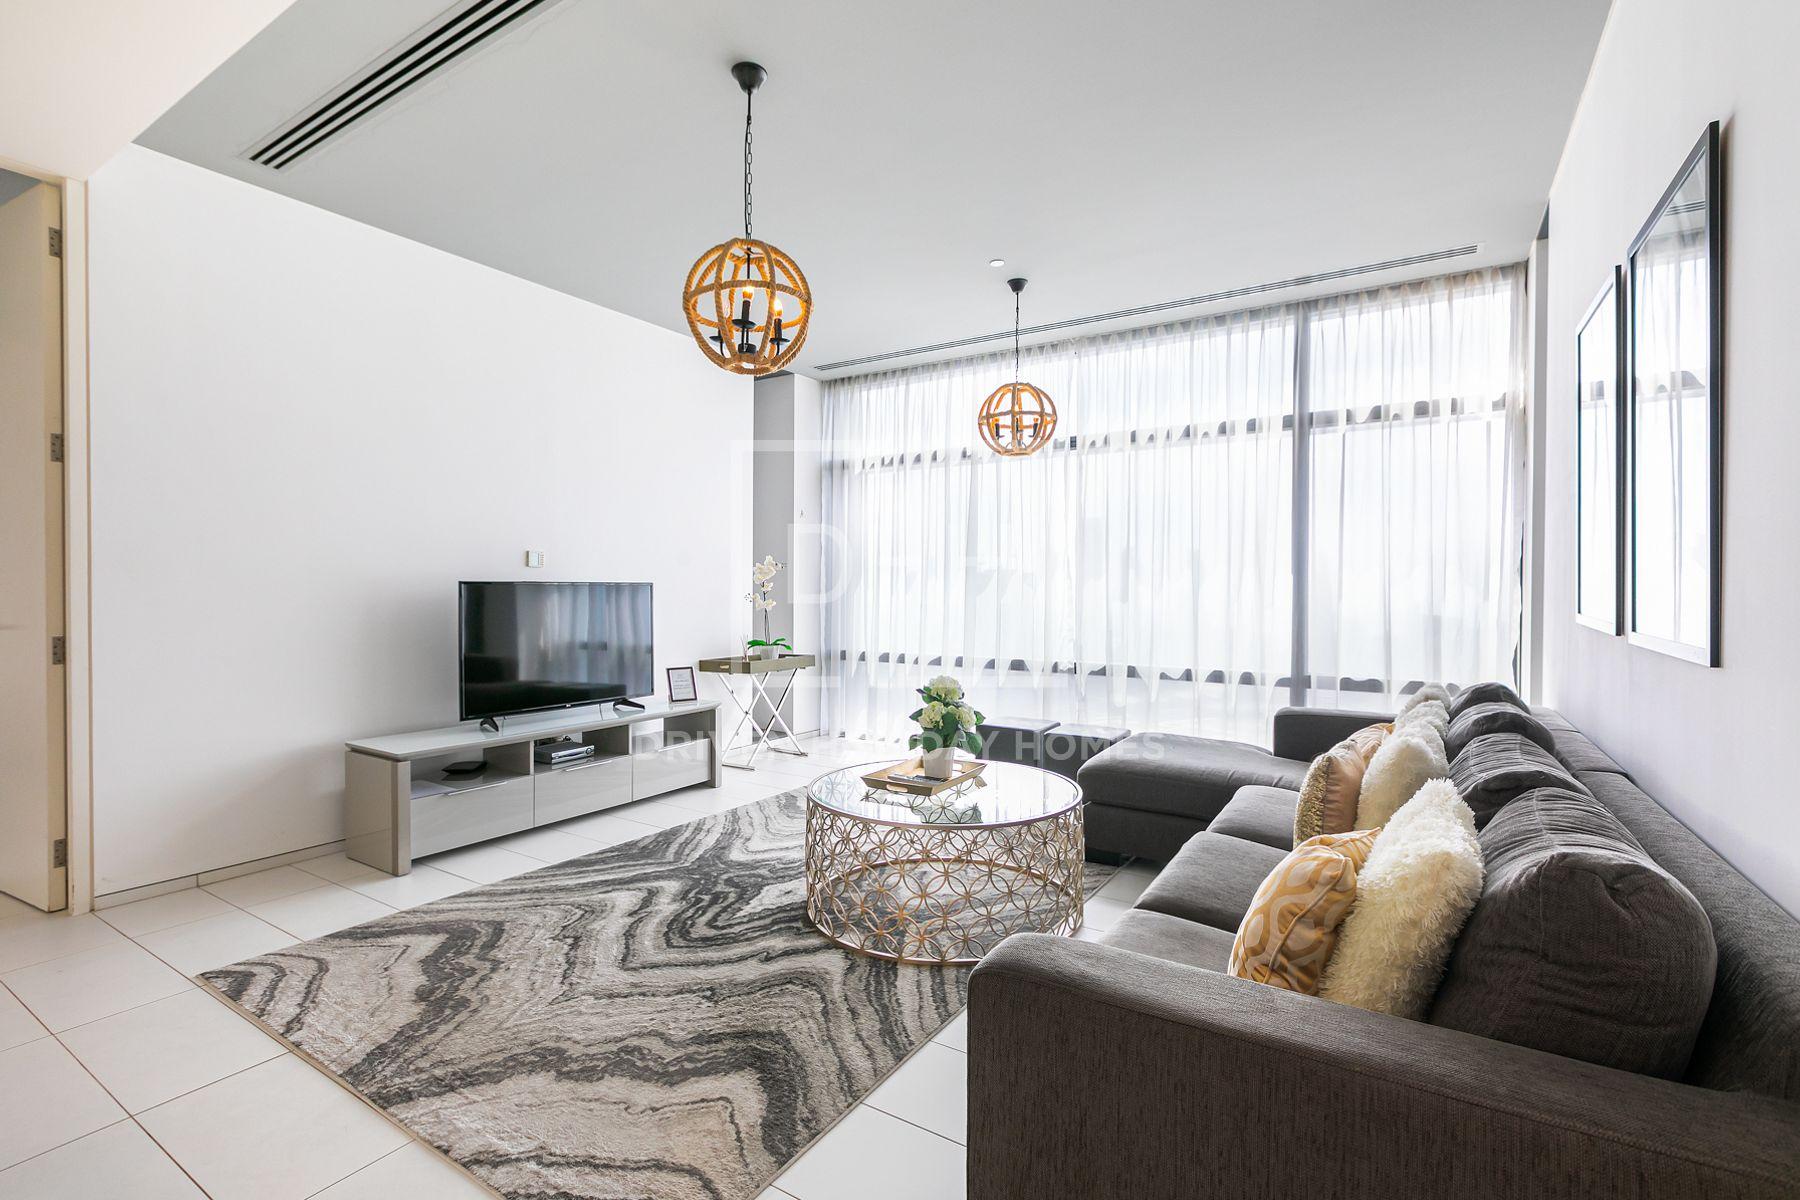 884 قدم مربع  شقة - للايجار - مركز دبي المالي العالمي